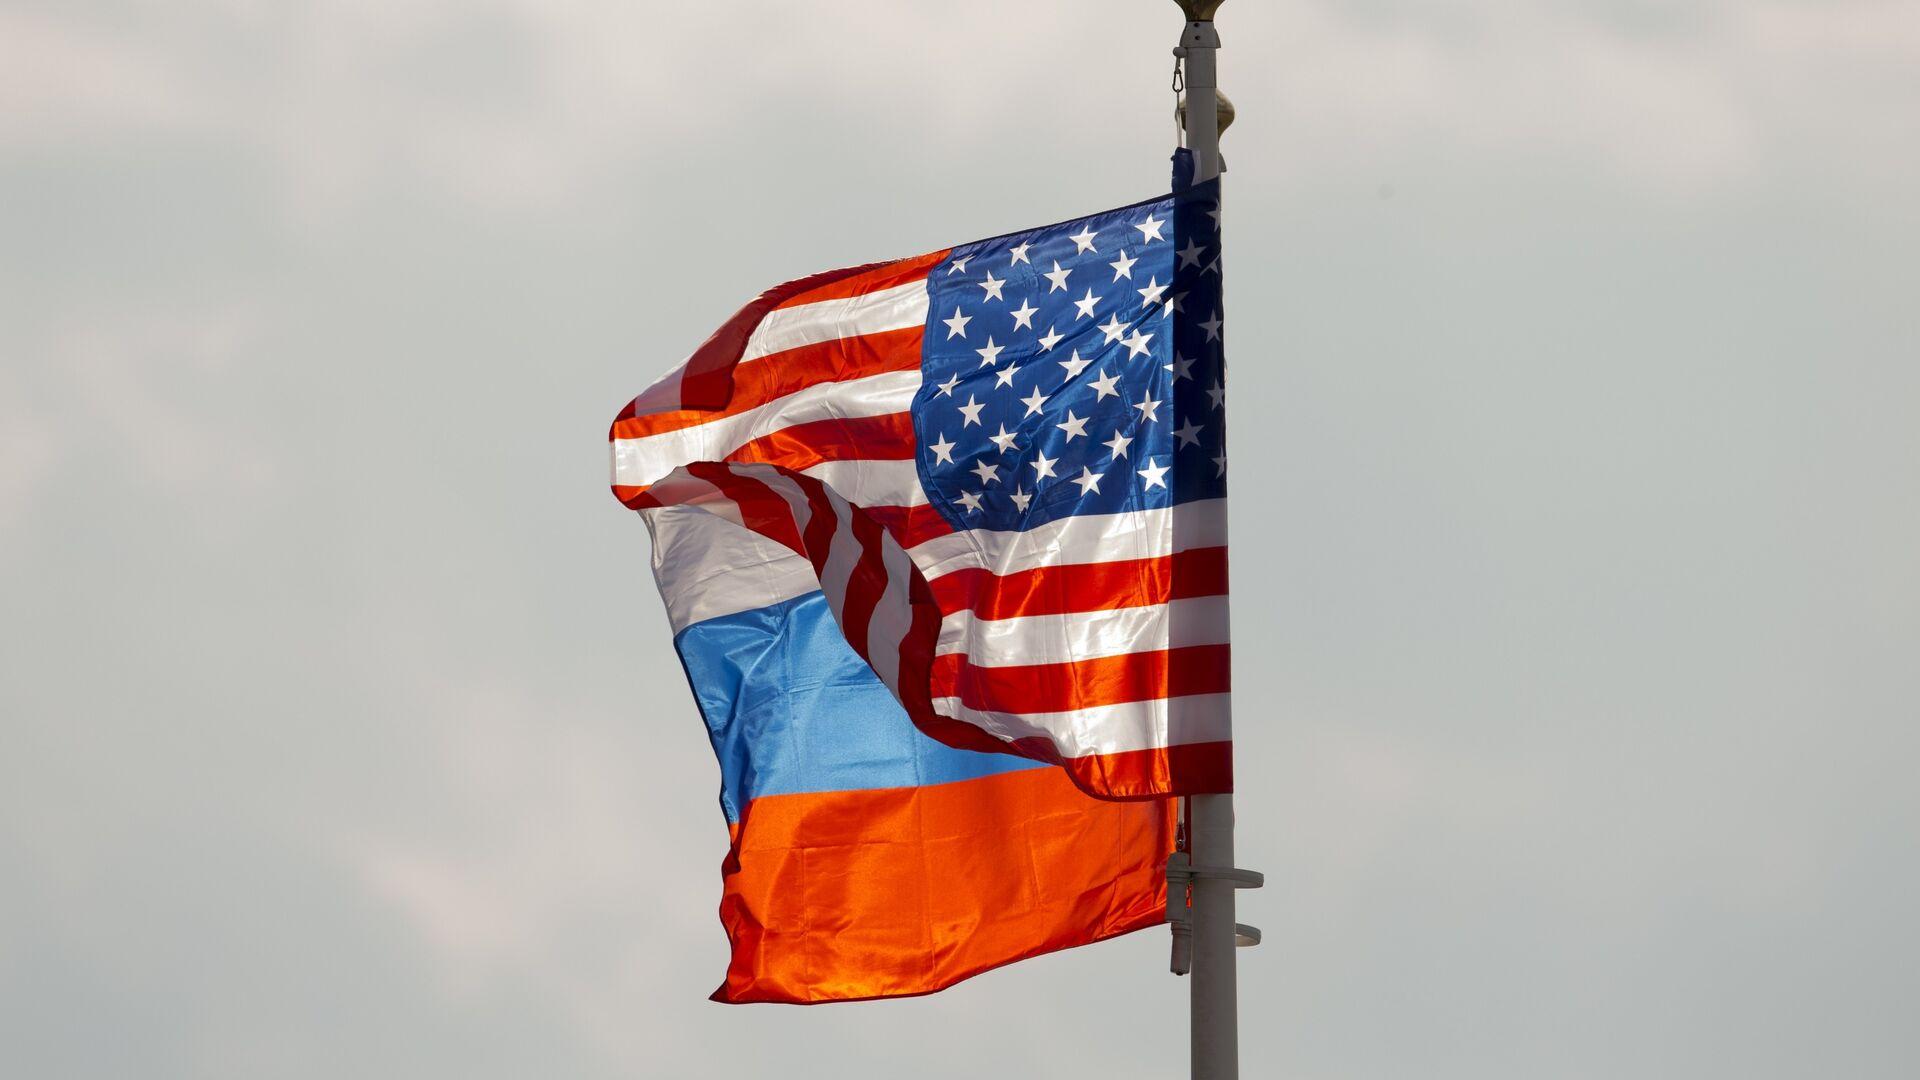 Banderas de Rusia y EEUU (archivo) - Sputnik Mundo, 1920, 09.02.2021